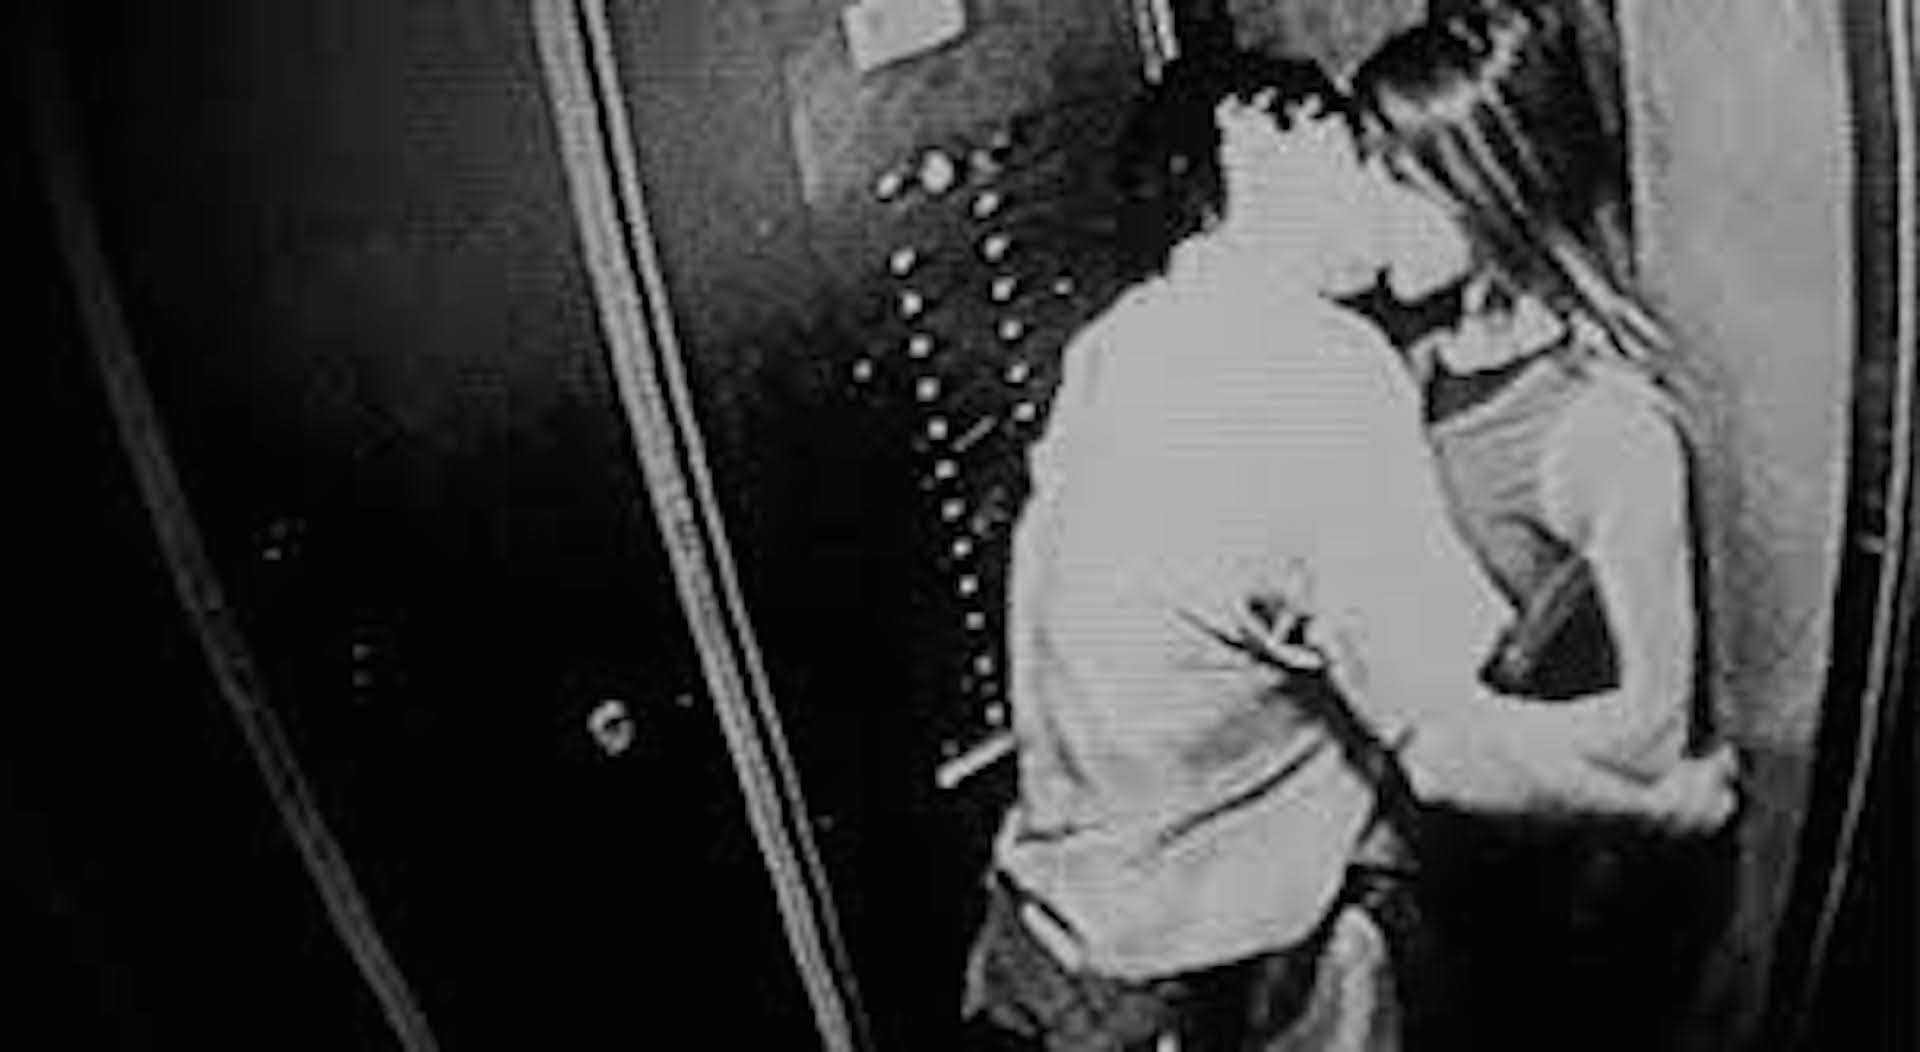 Смотреть секс в лифте с незнакомцем 18 фотография